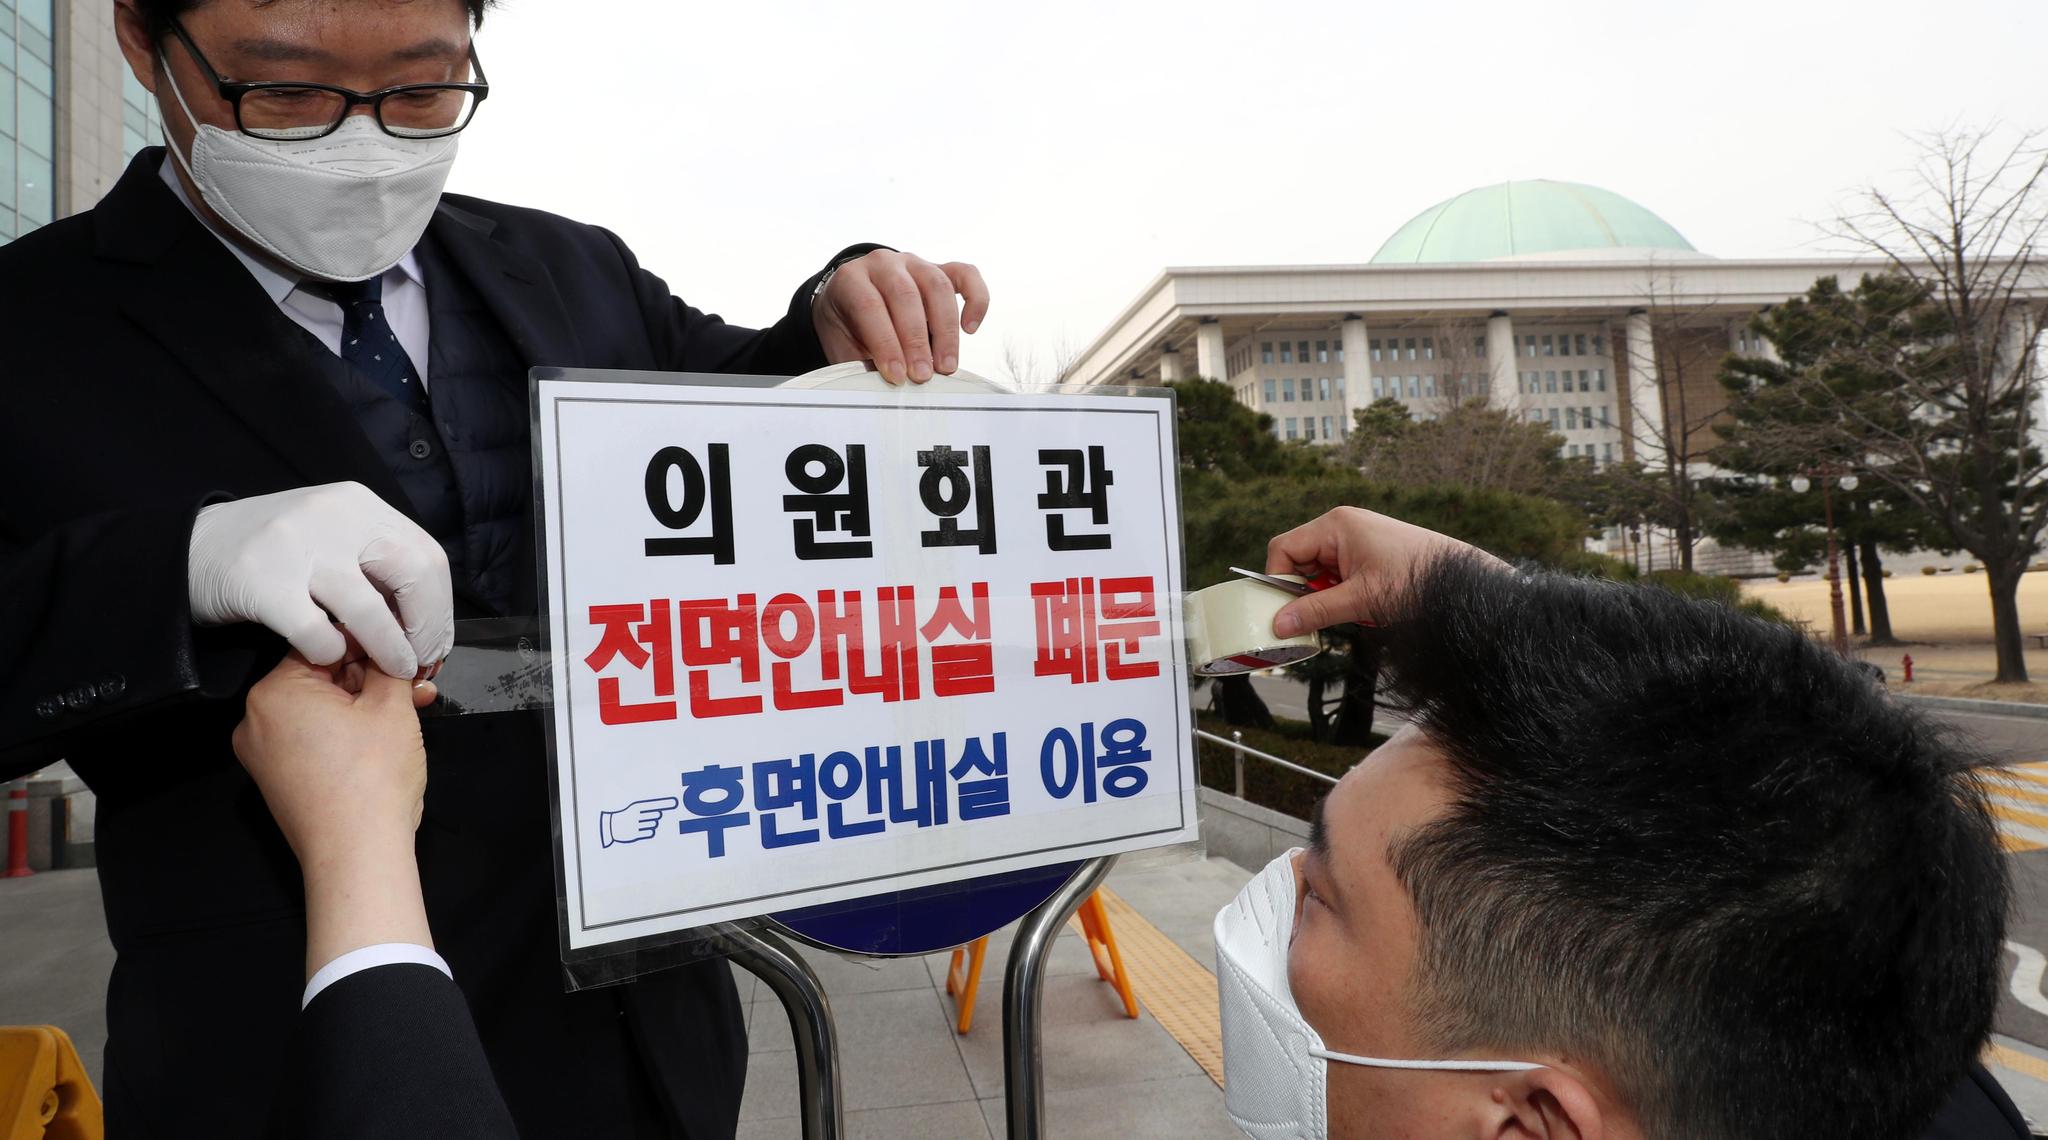 24일 국회 직원들이 의원회관 안내실 폐문을 알리는 문구를 붙이고있다. 임현동 기자